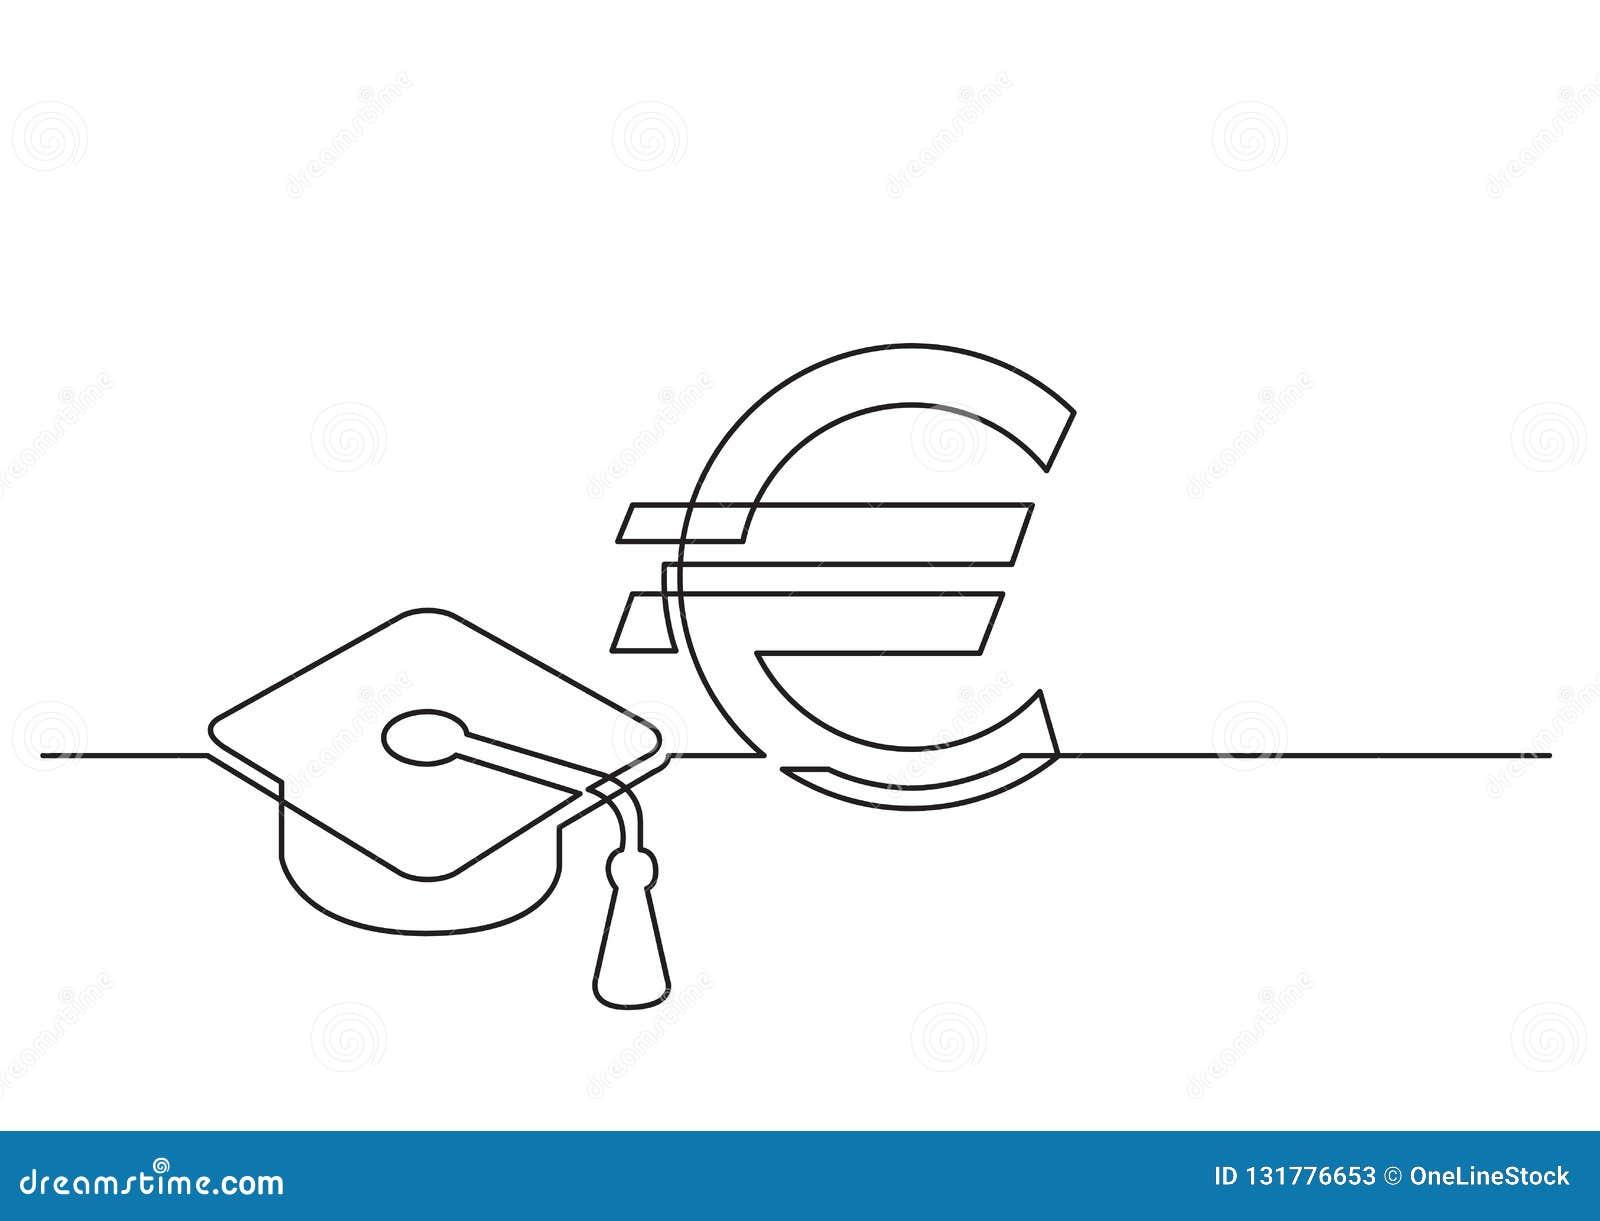 En linje teckning av isolerat vektorobjekt - kostnad av utbildning i euro